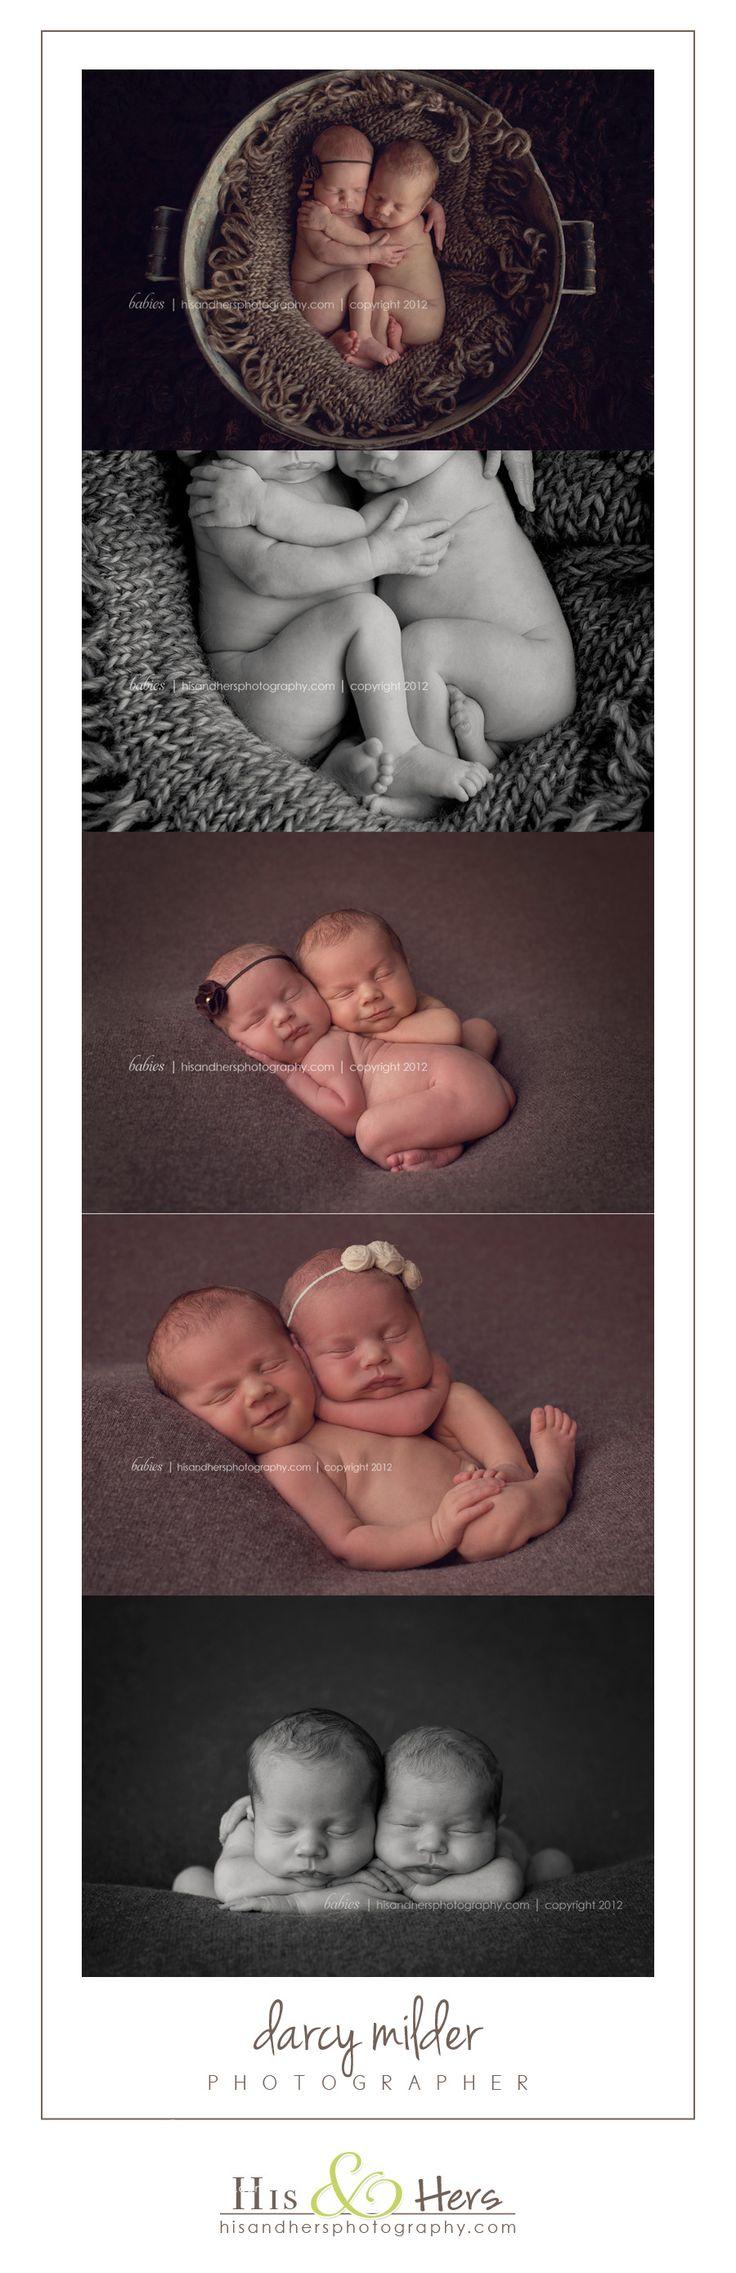 newborn twins // photographer Darcy Milder // His & Hers